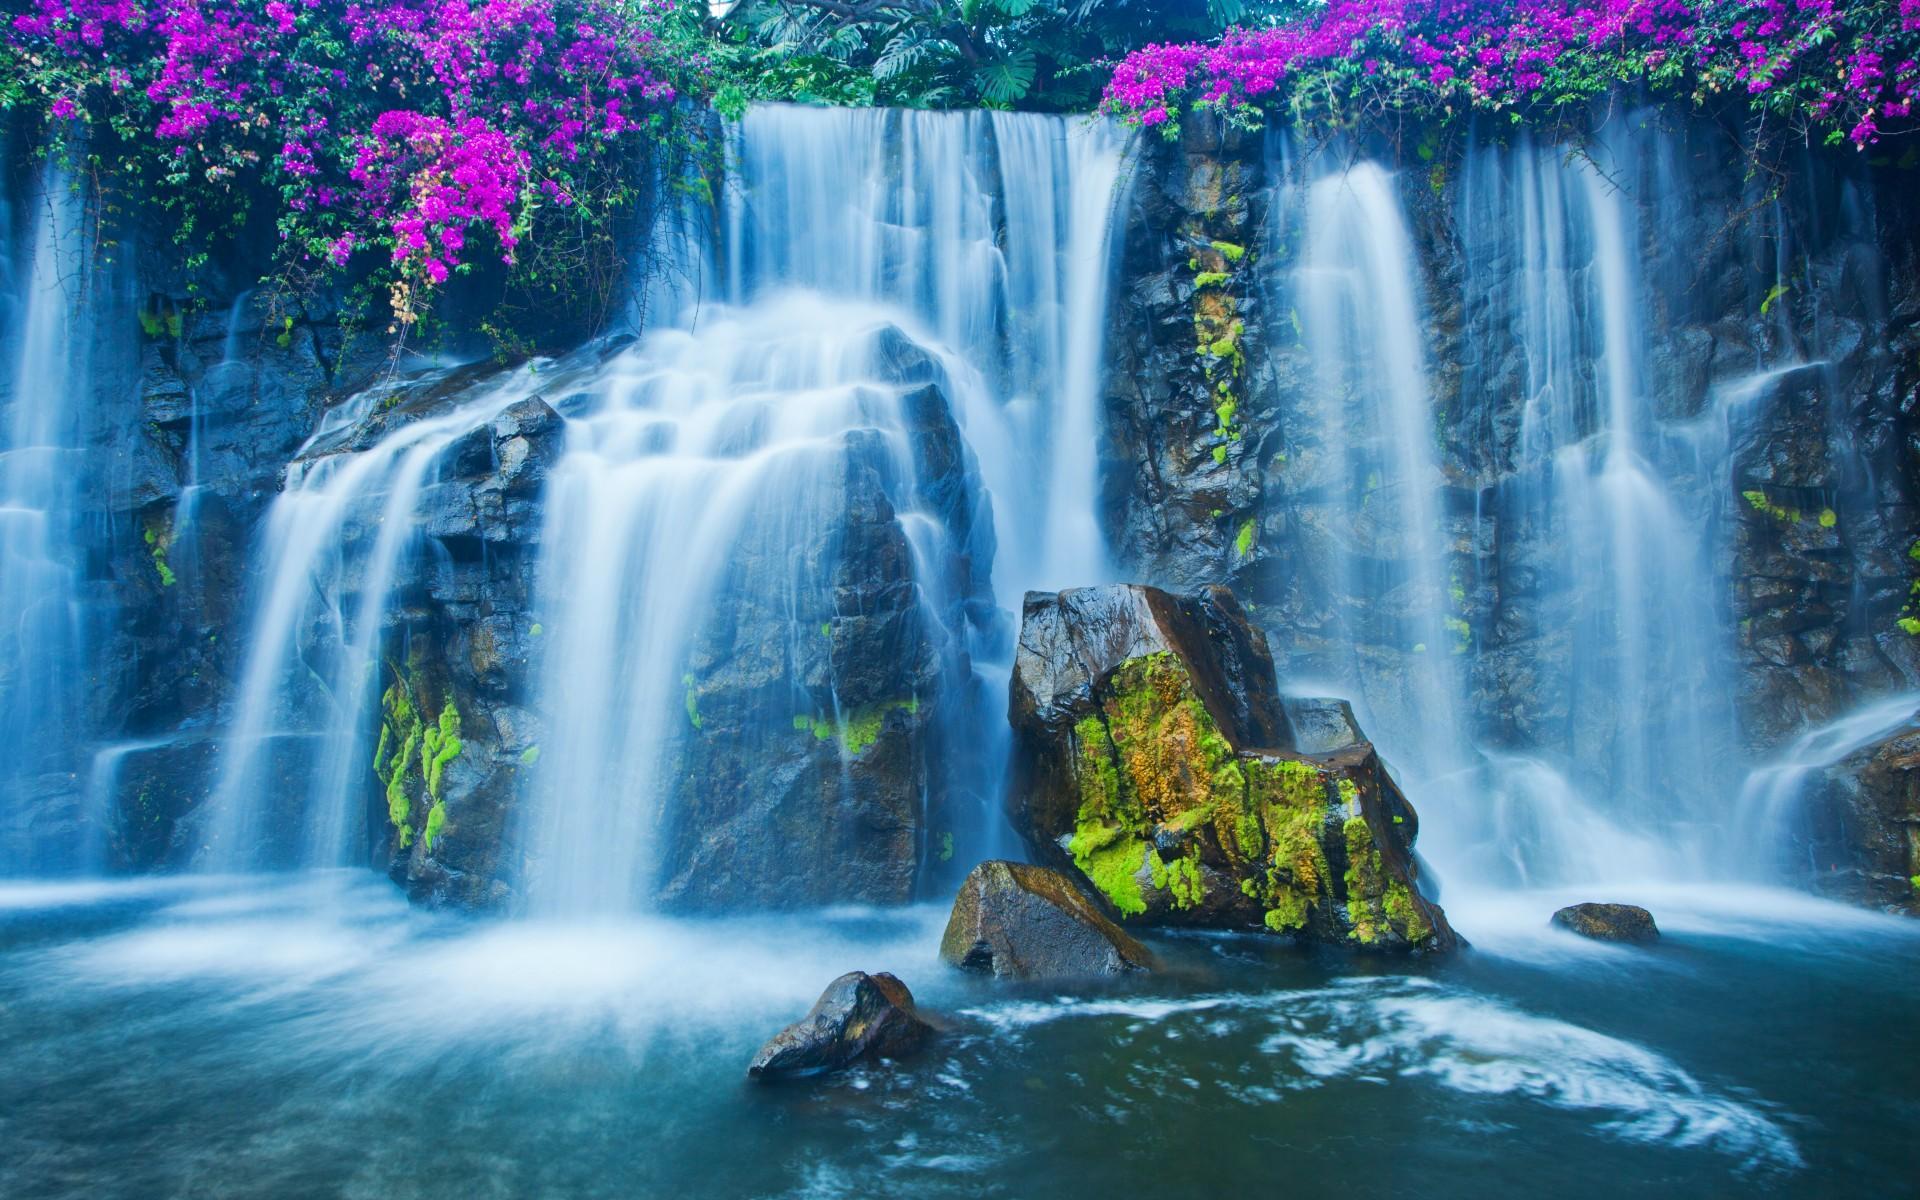 Hình nền máy tính thác nước cực đẹp (2)